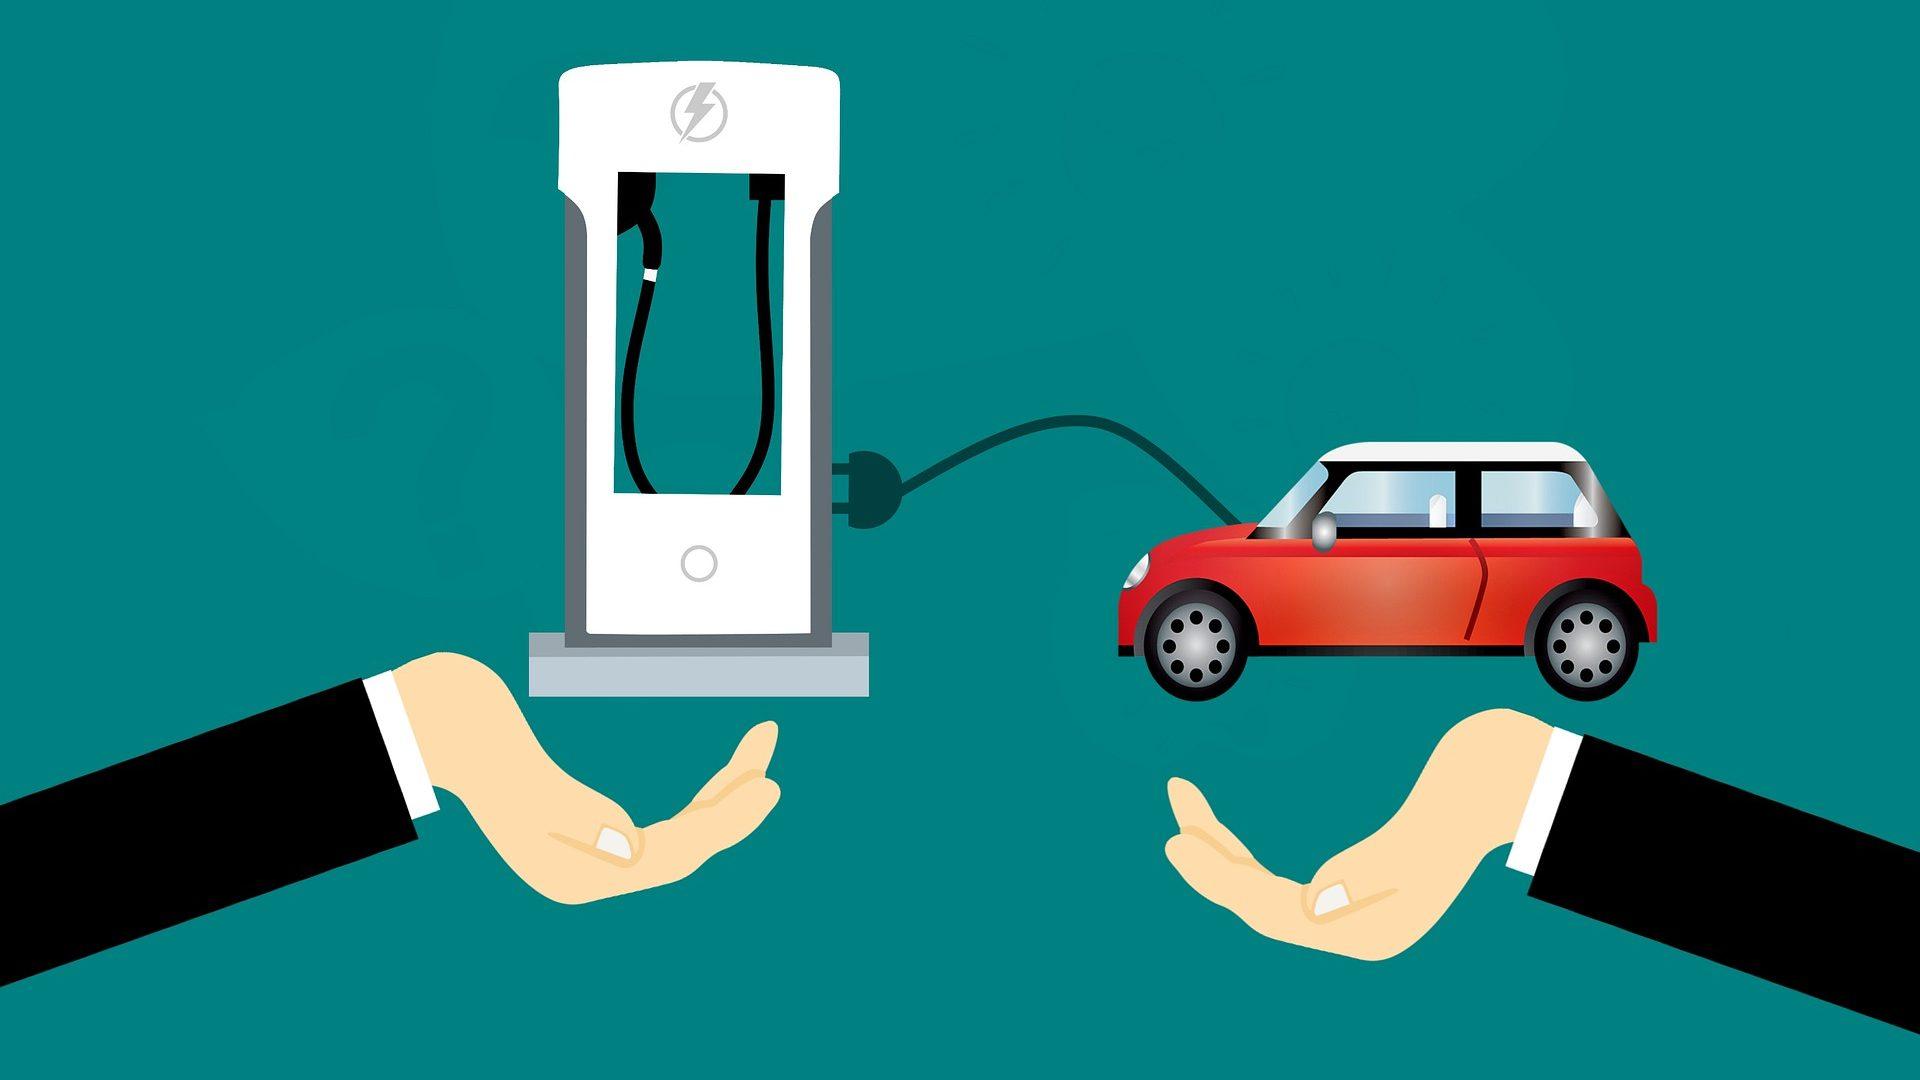 ענף הביטוח לומד את תחום הרכבים החשמליים ומתחיל לגבש פתרונות ביטוחיים